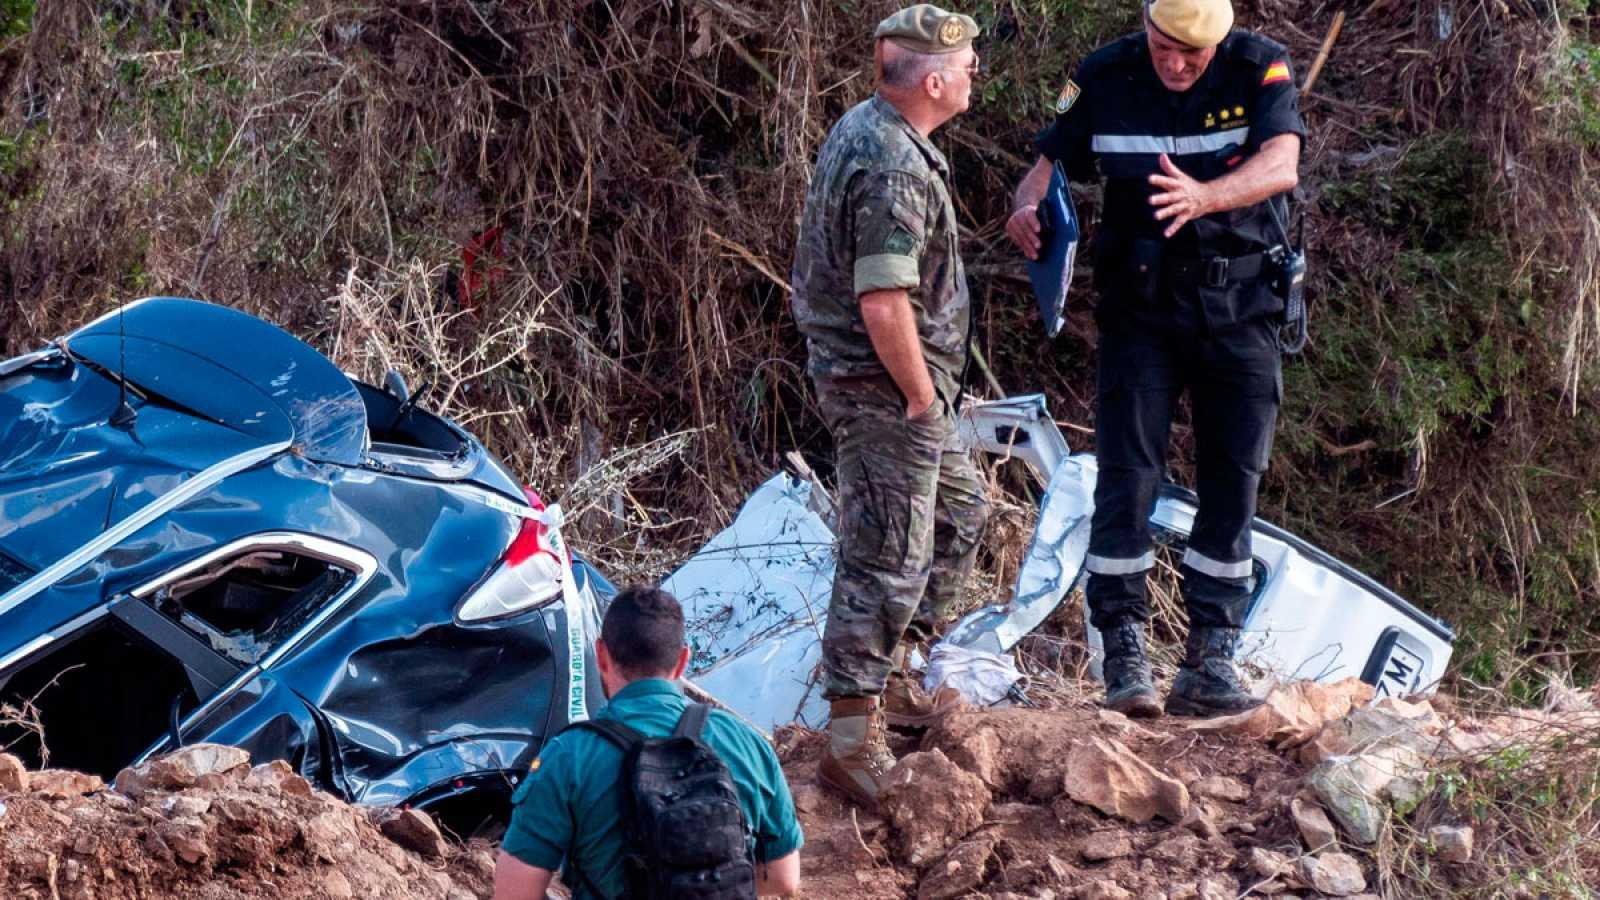 Cuarto día de búsqueda del niño desaparecido por la riada en Mallorca